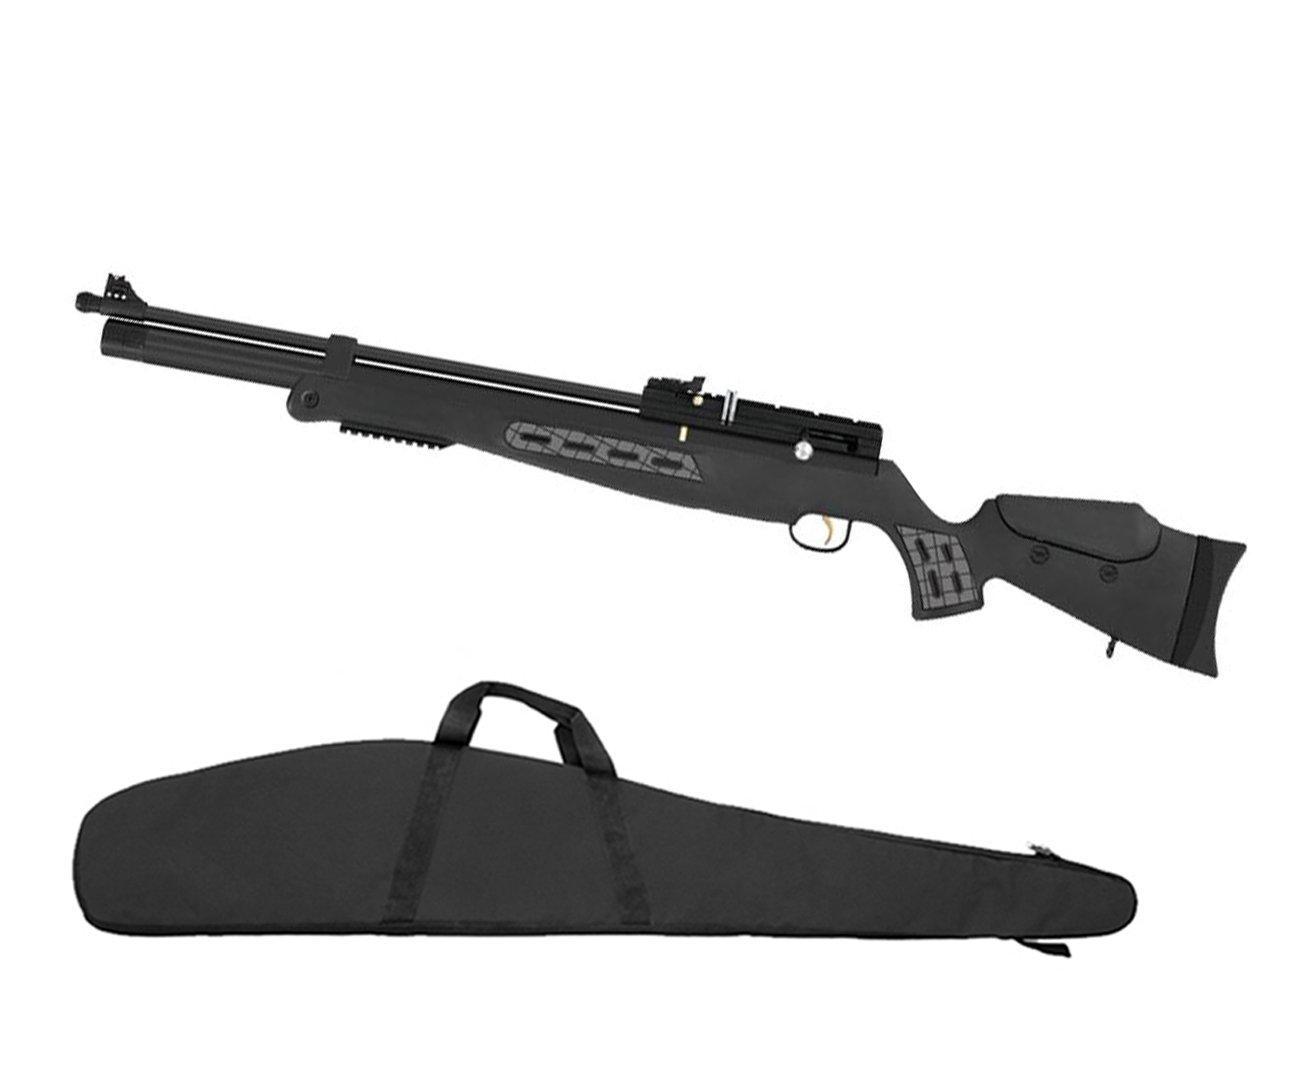 Carabina De Pressão Hatsan Bt65 Sb - Calibre 5,5 Mm